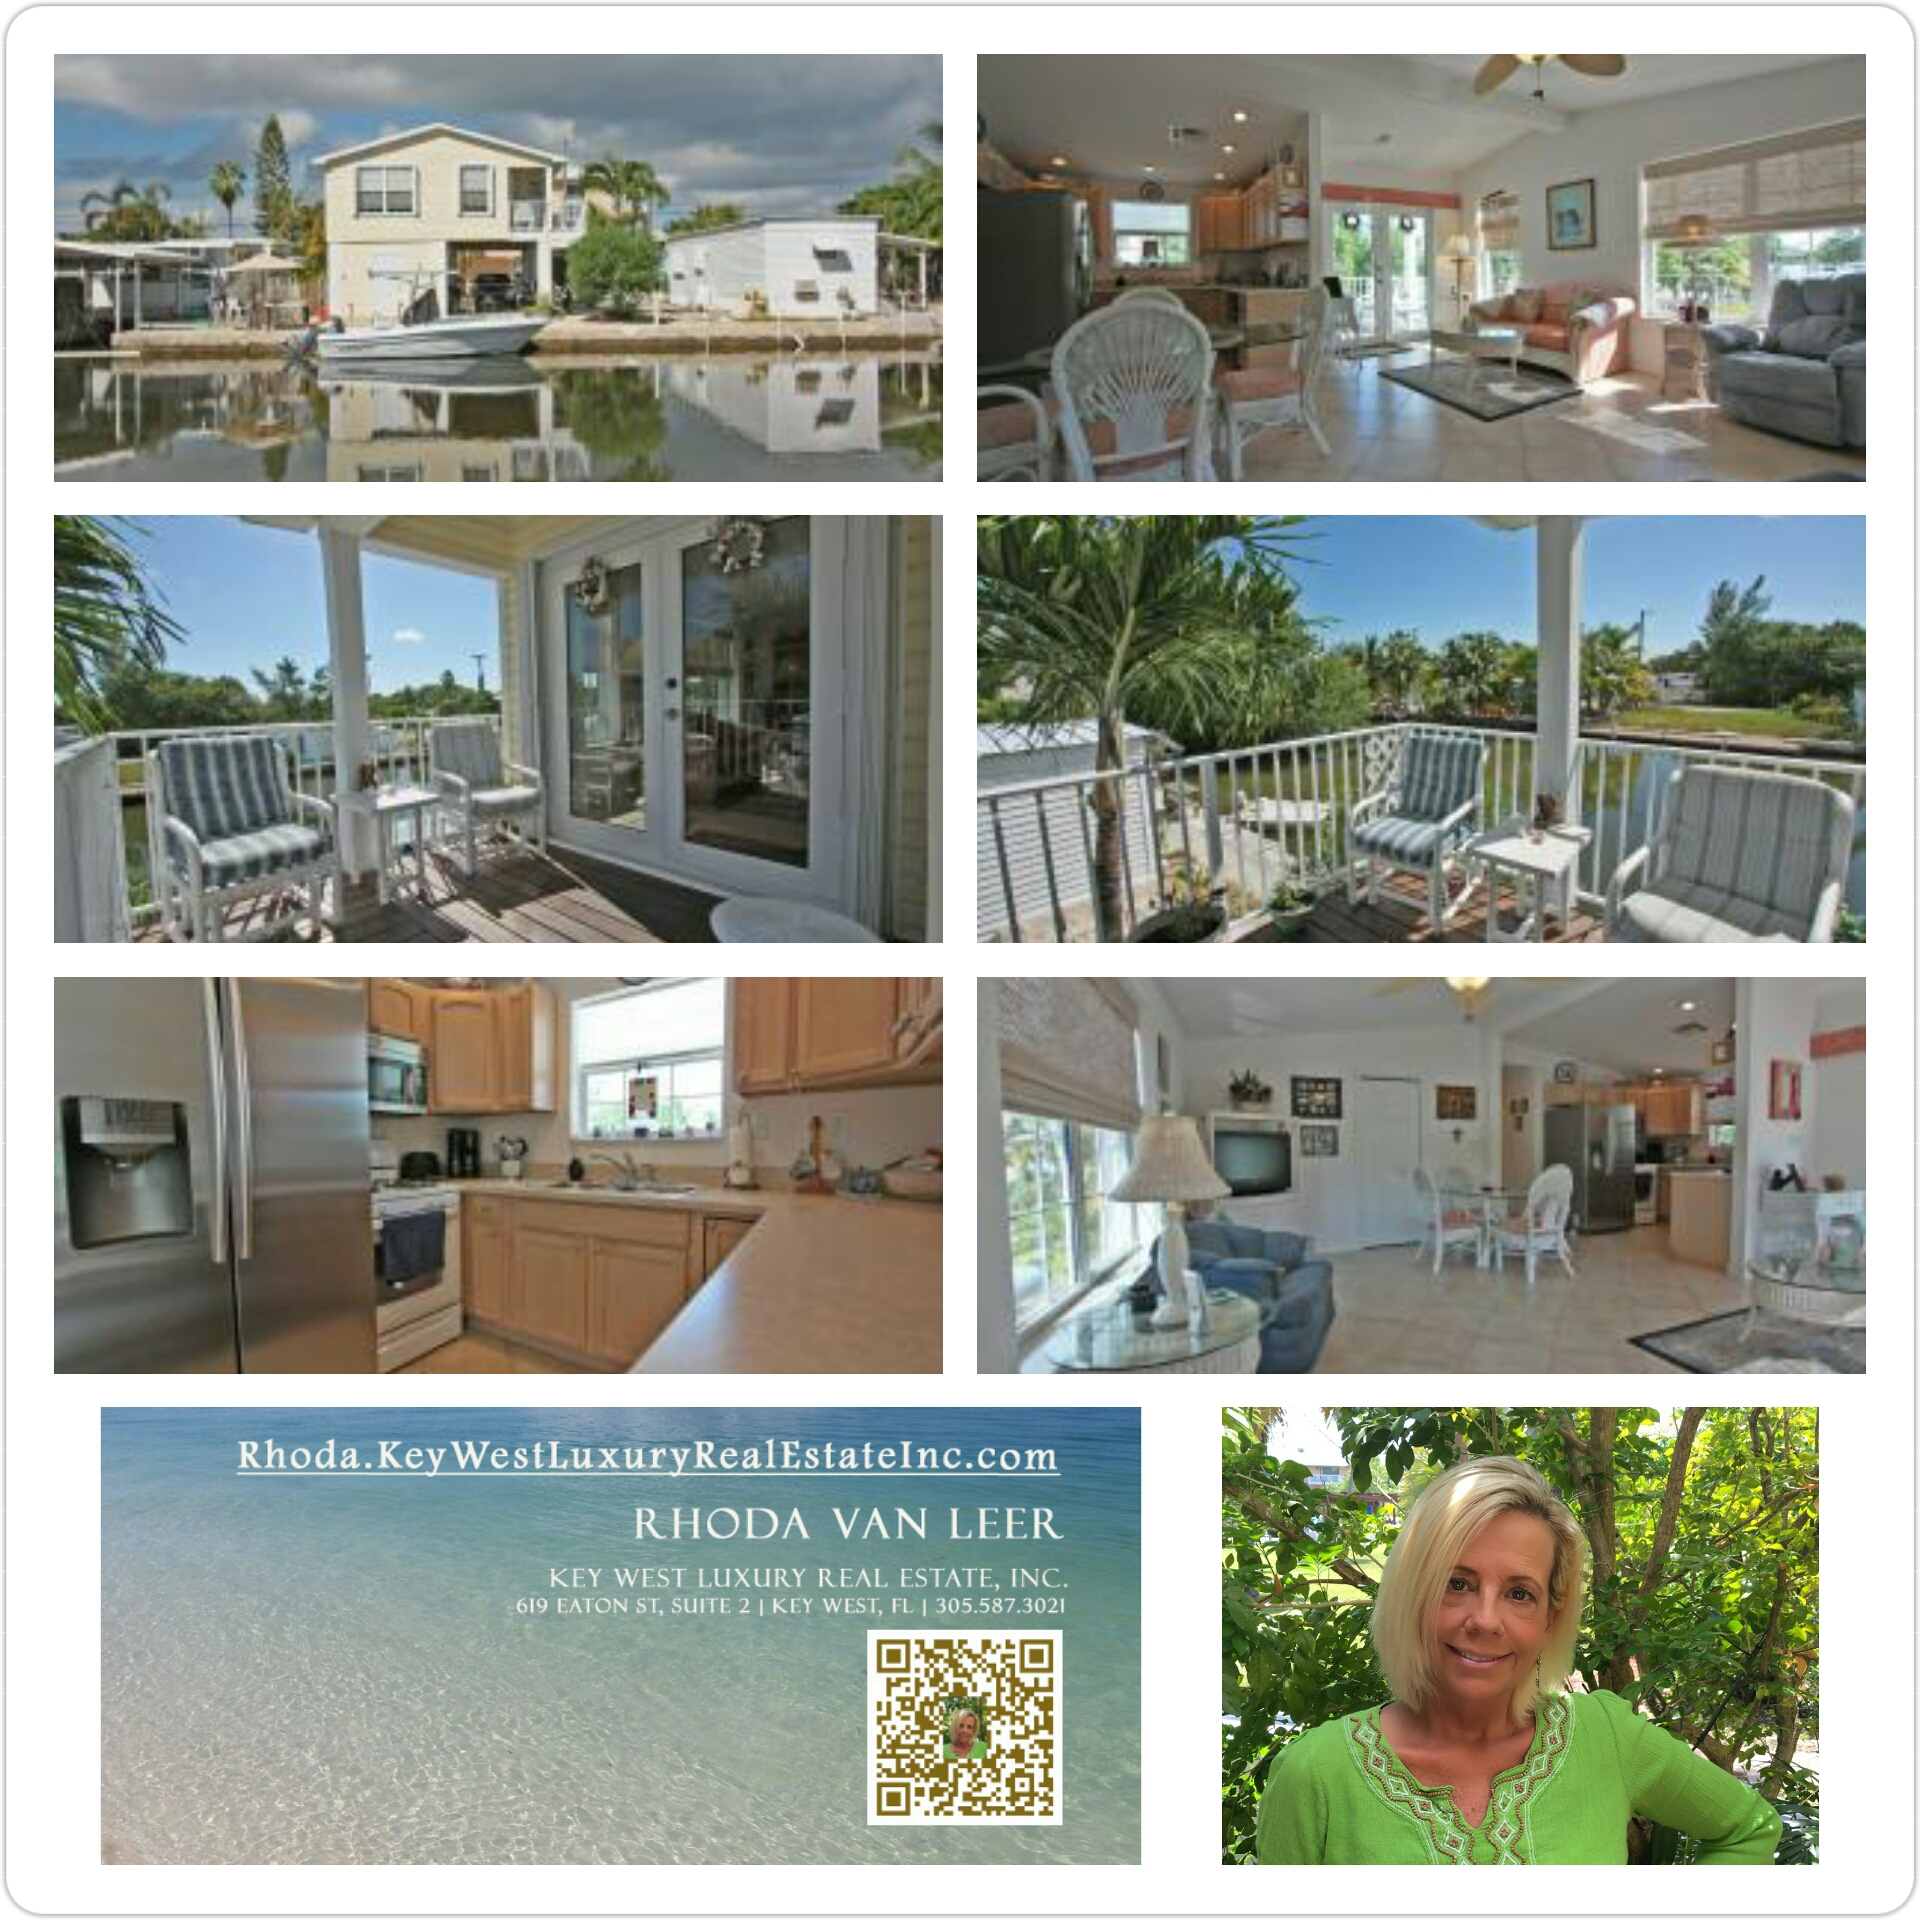 Sold: 31508 Avenue F in Big Pine Key [Buyer Side] by Rhoda Van Leer